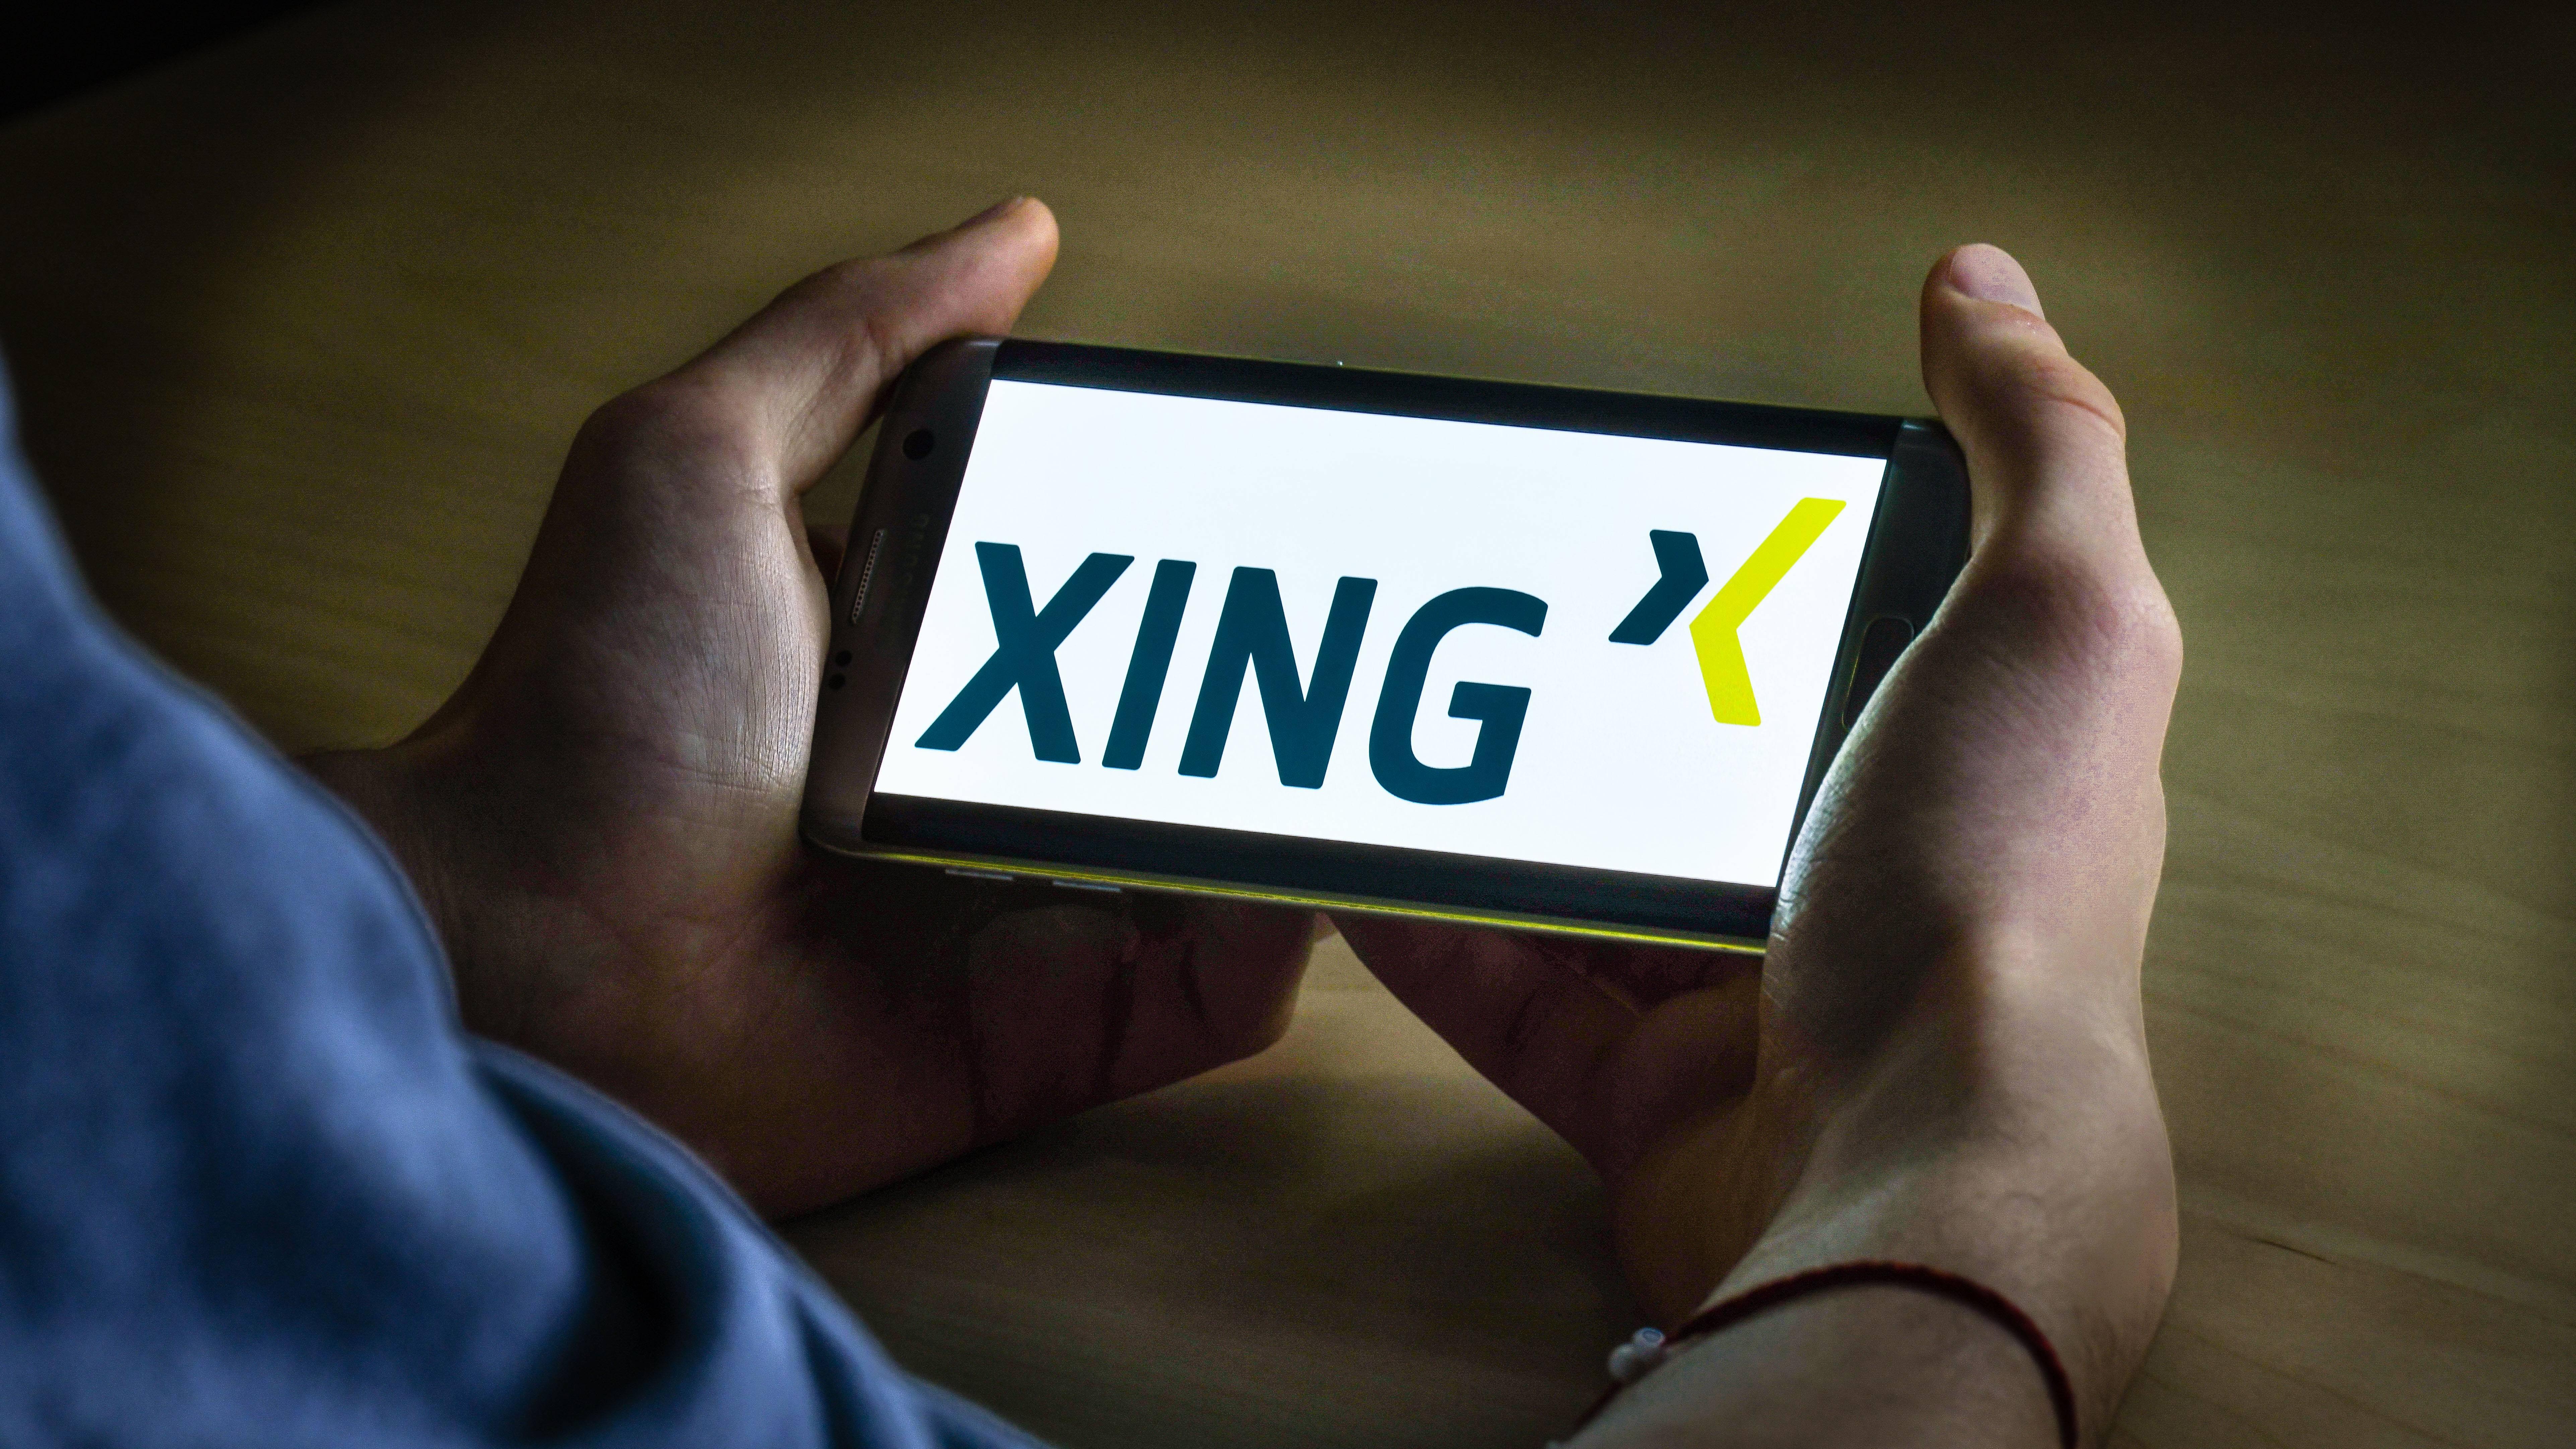 Xing: Profilbesucher sehen - so geht's